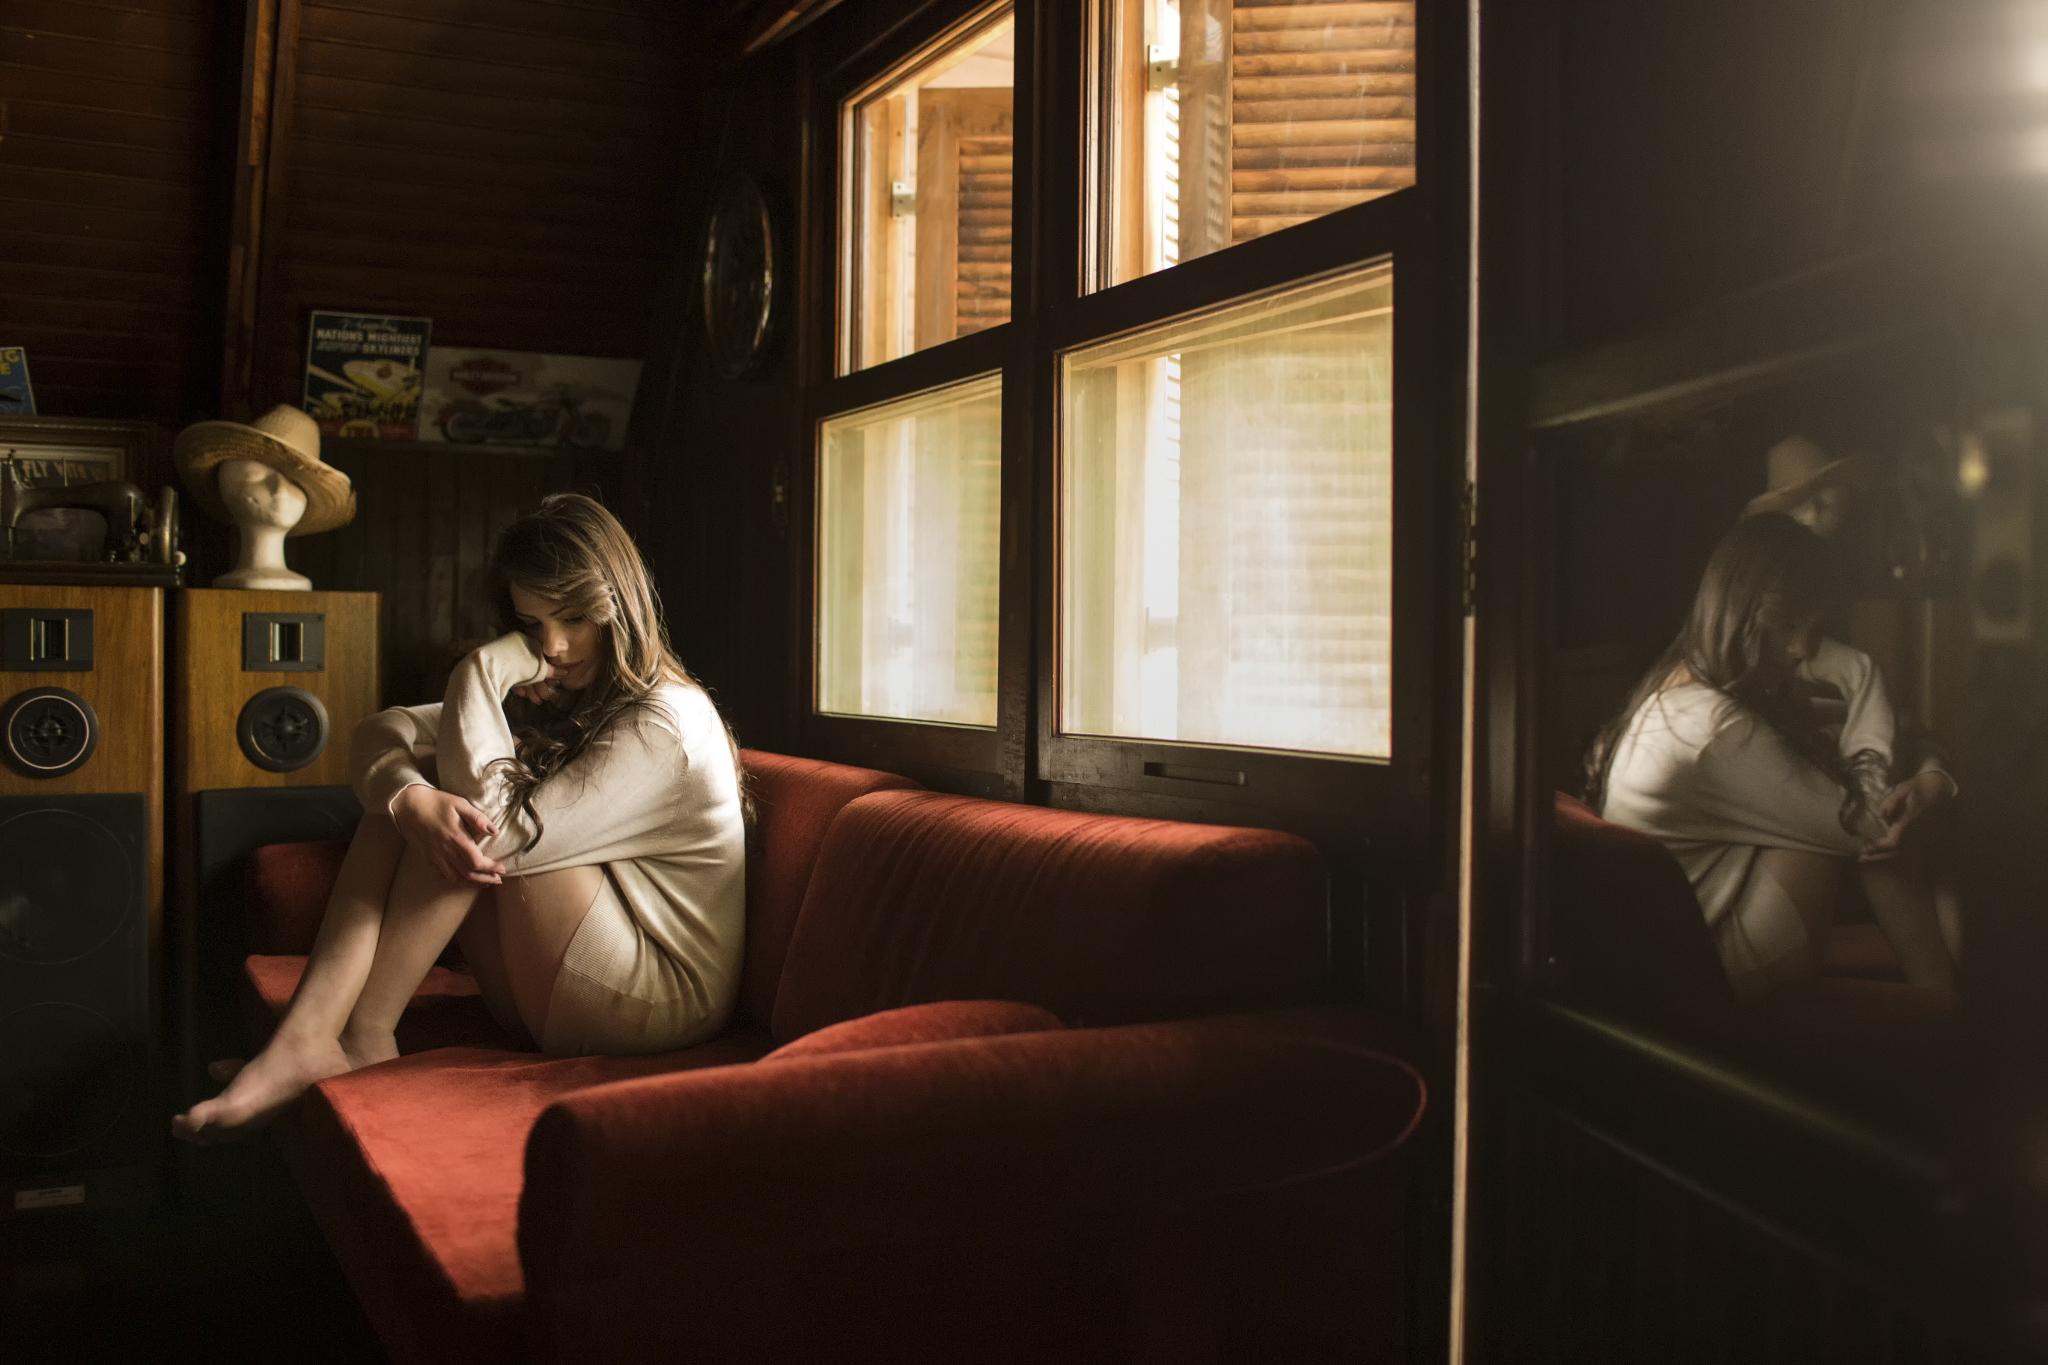 озера комната для уединения мужа и жены фото сгладить